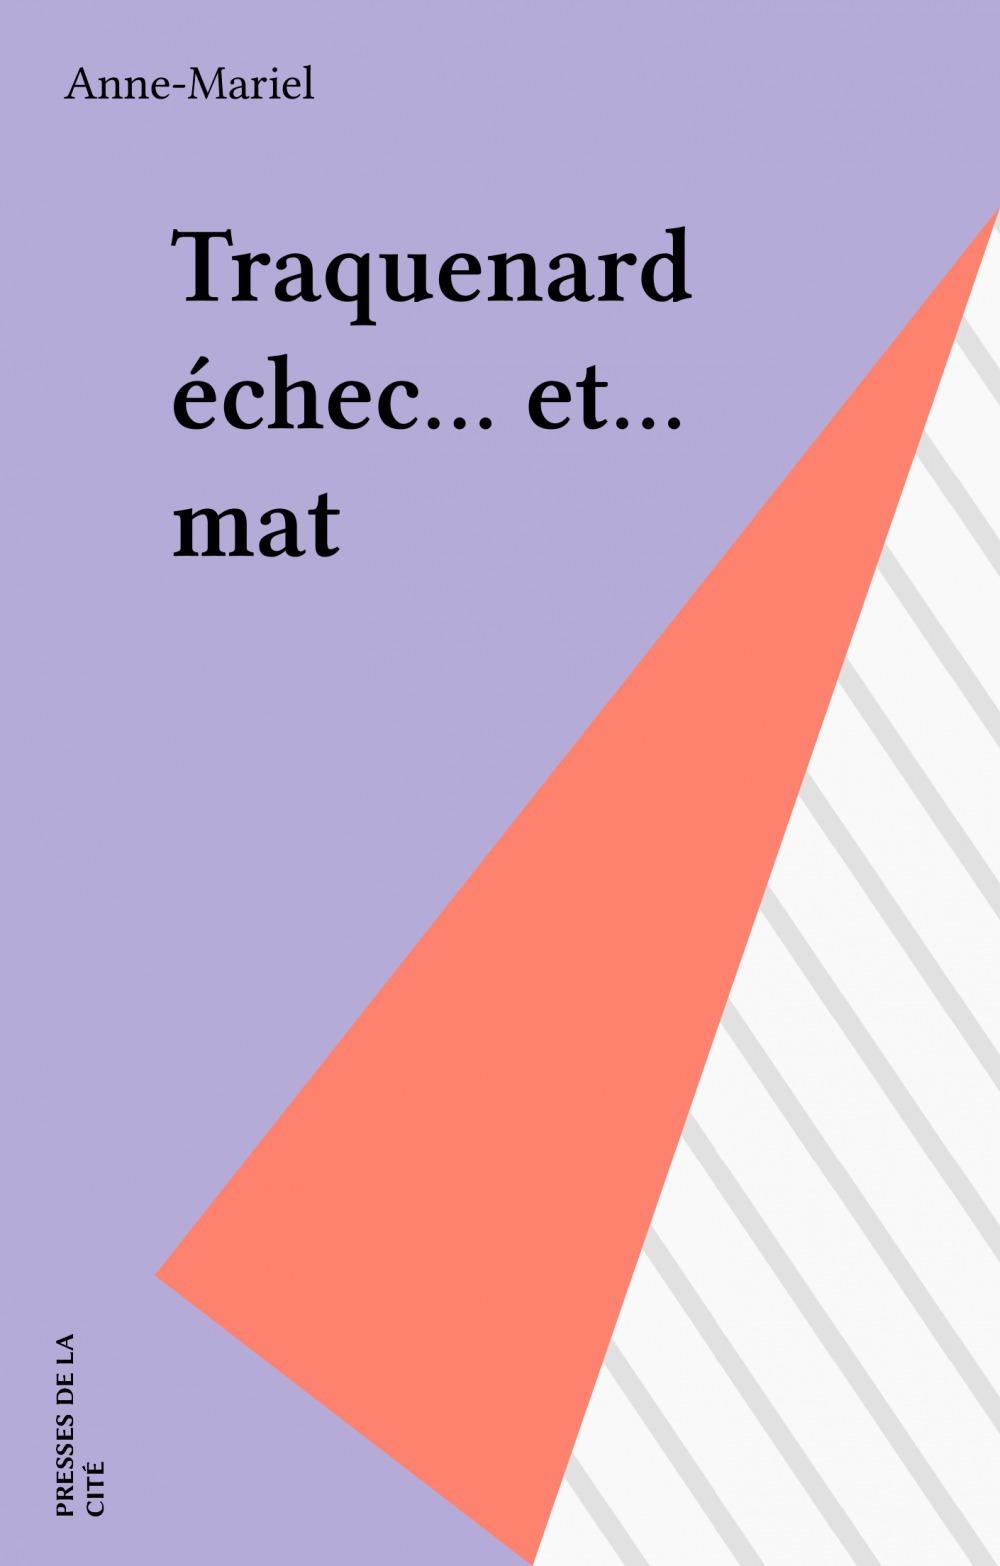 Traquenard échec... et... mat  - Anne-Mariel